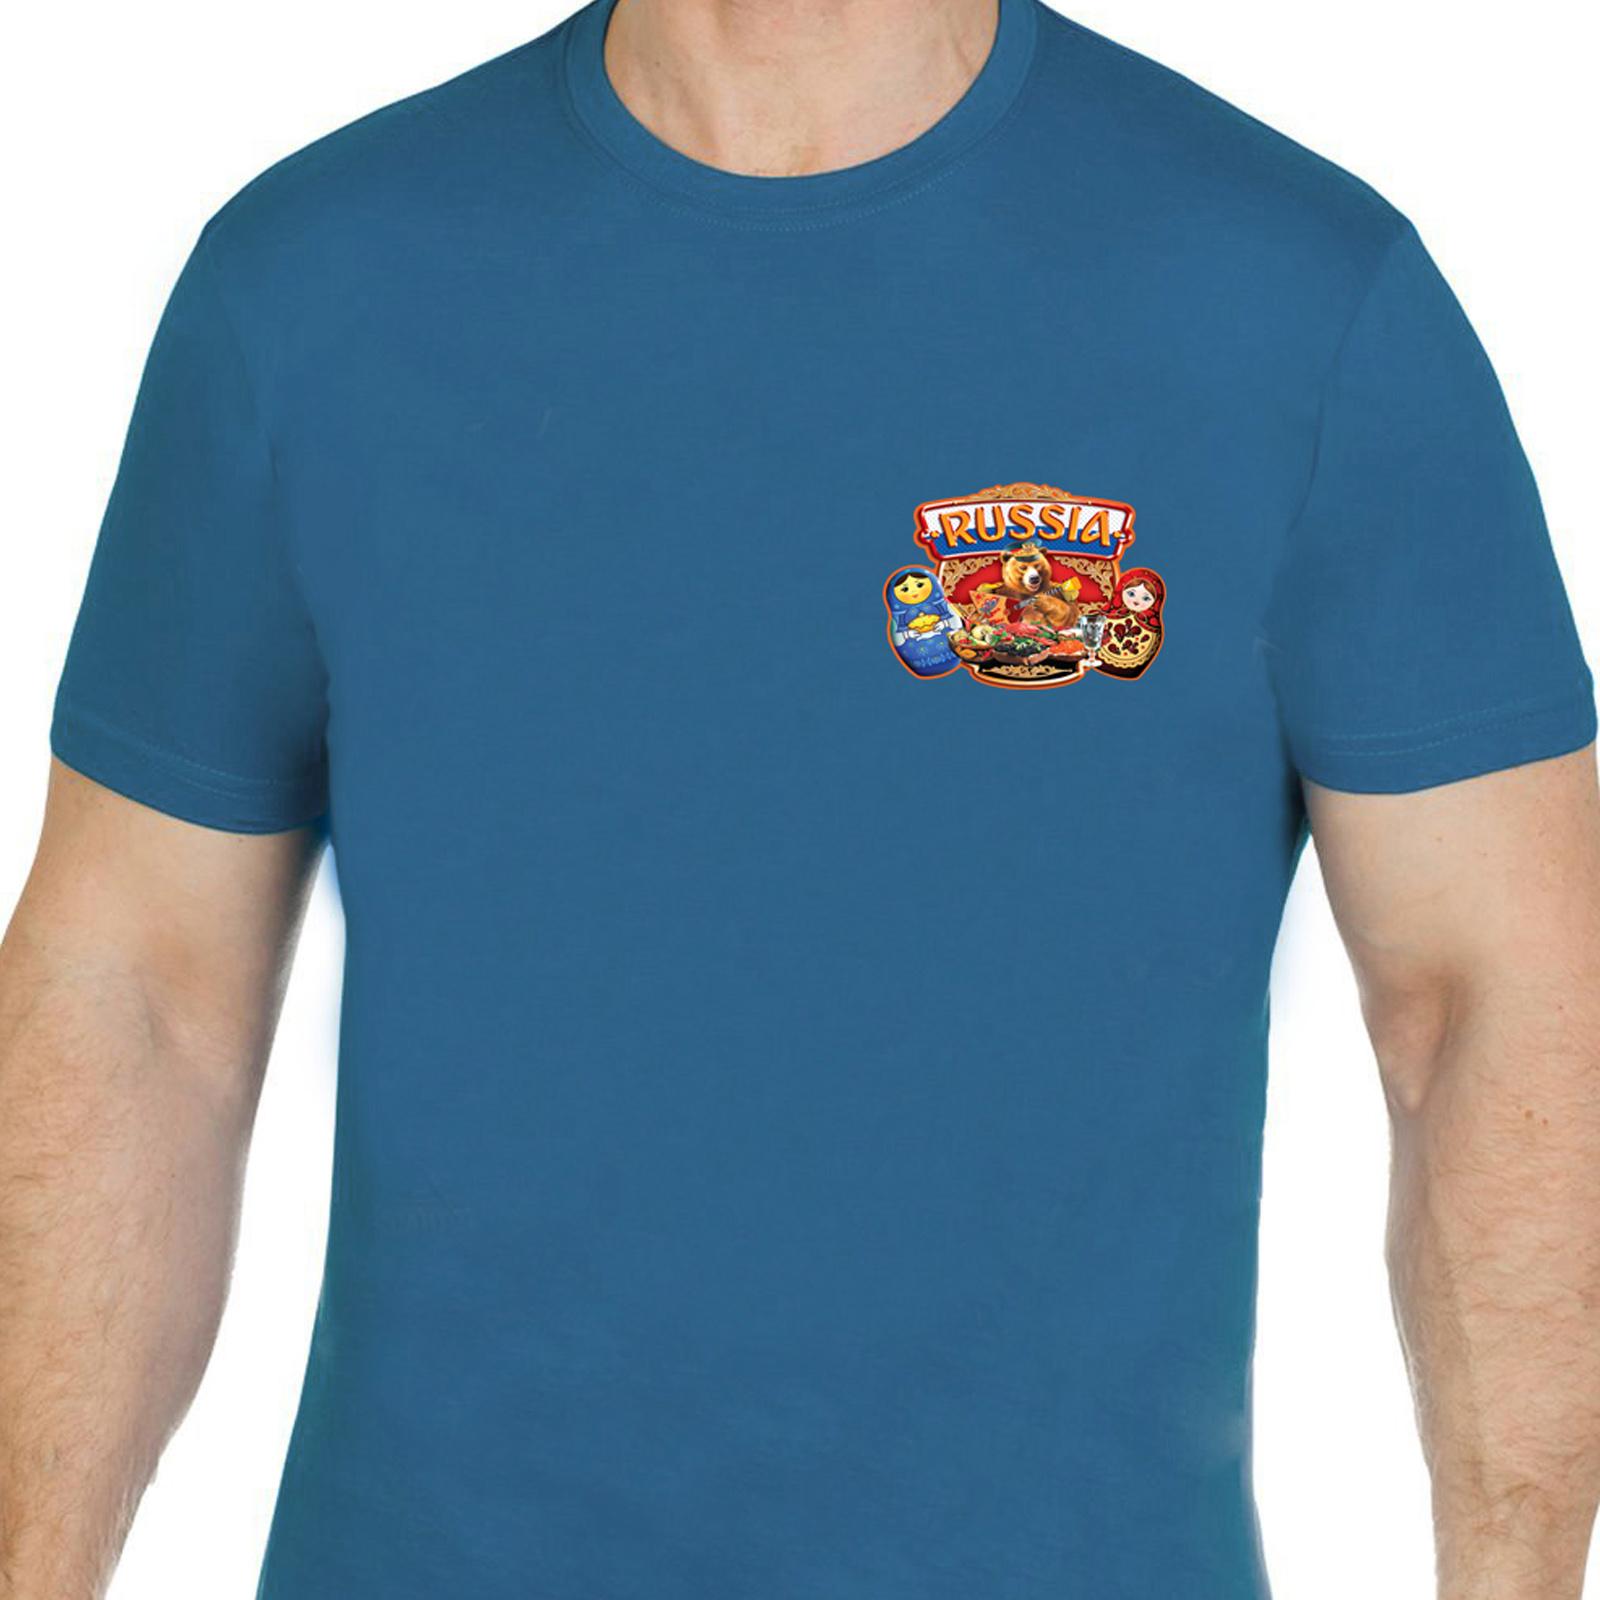 Креативная футболка RUSSIA «Медведь за столом».